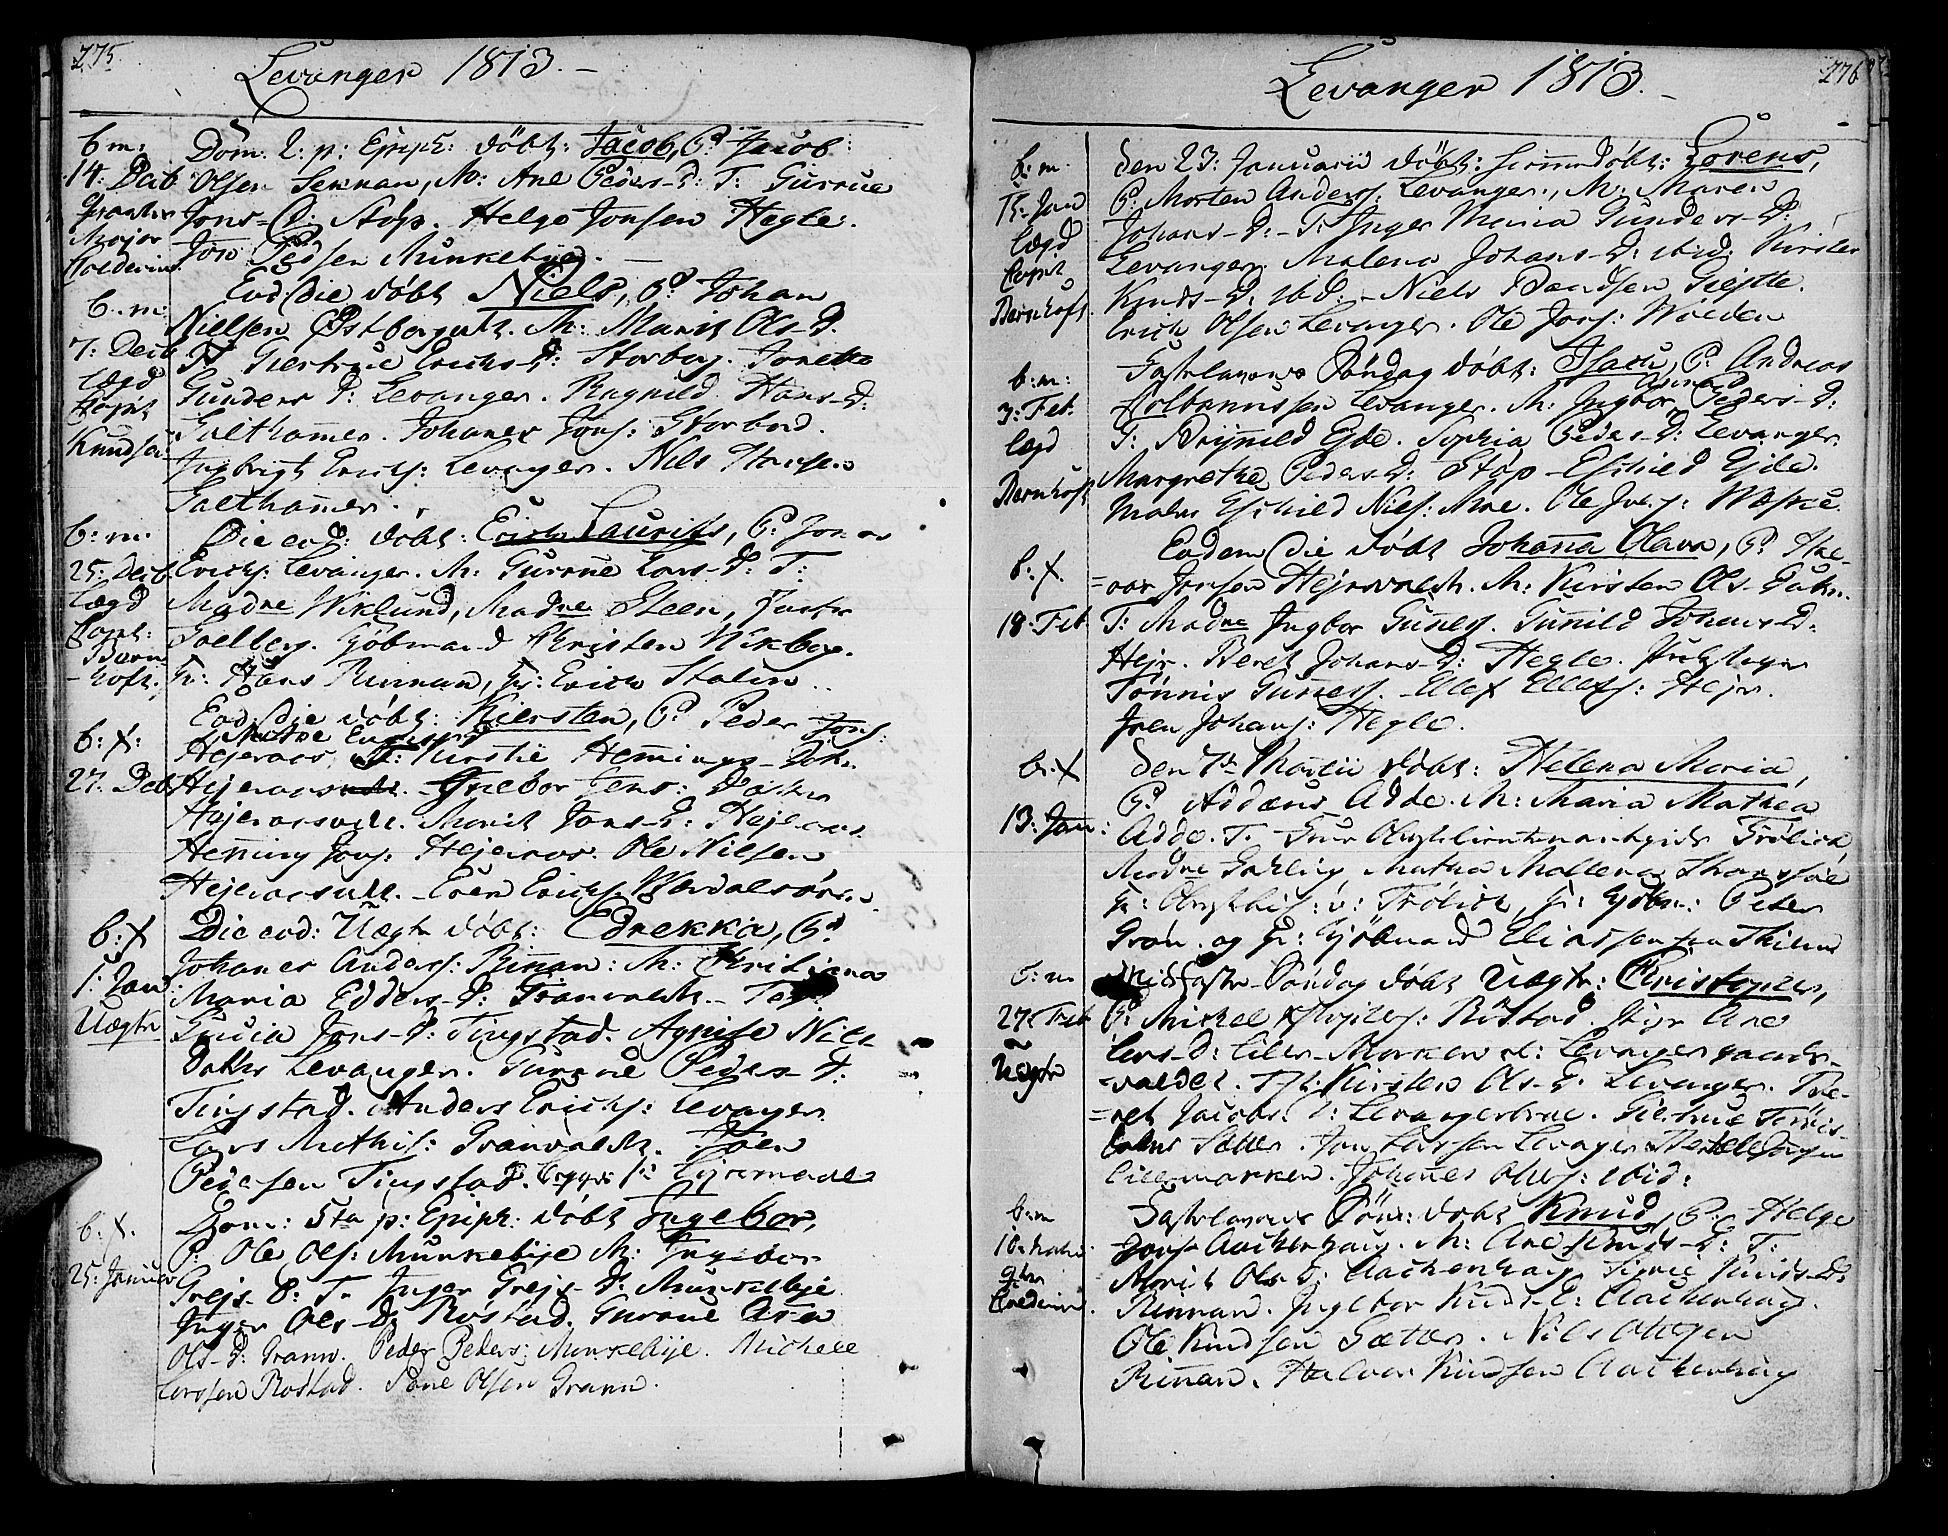 SAT, Ministerialprotokoller, klokkerbøker og fødselsregistre - Nord-Trøndelag, 717/L0145: Ministerialbok nr. 717A03 /3, 1810-1815, s. 275-276